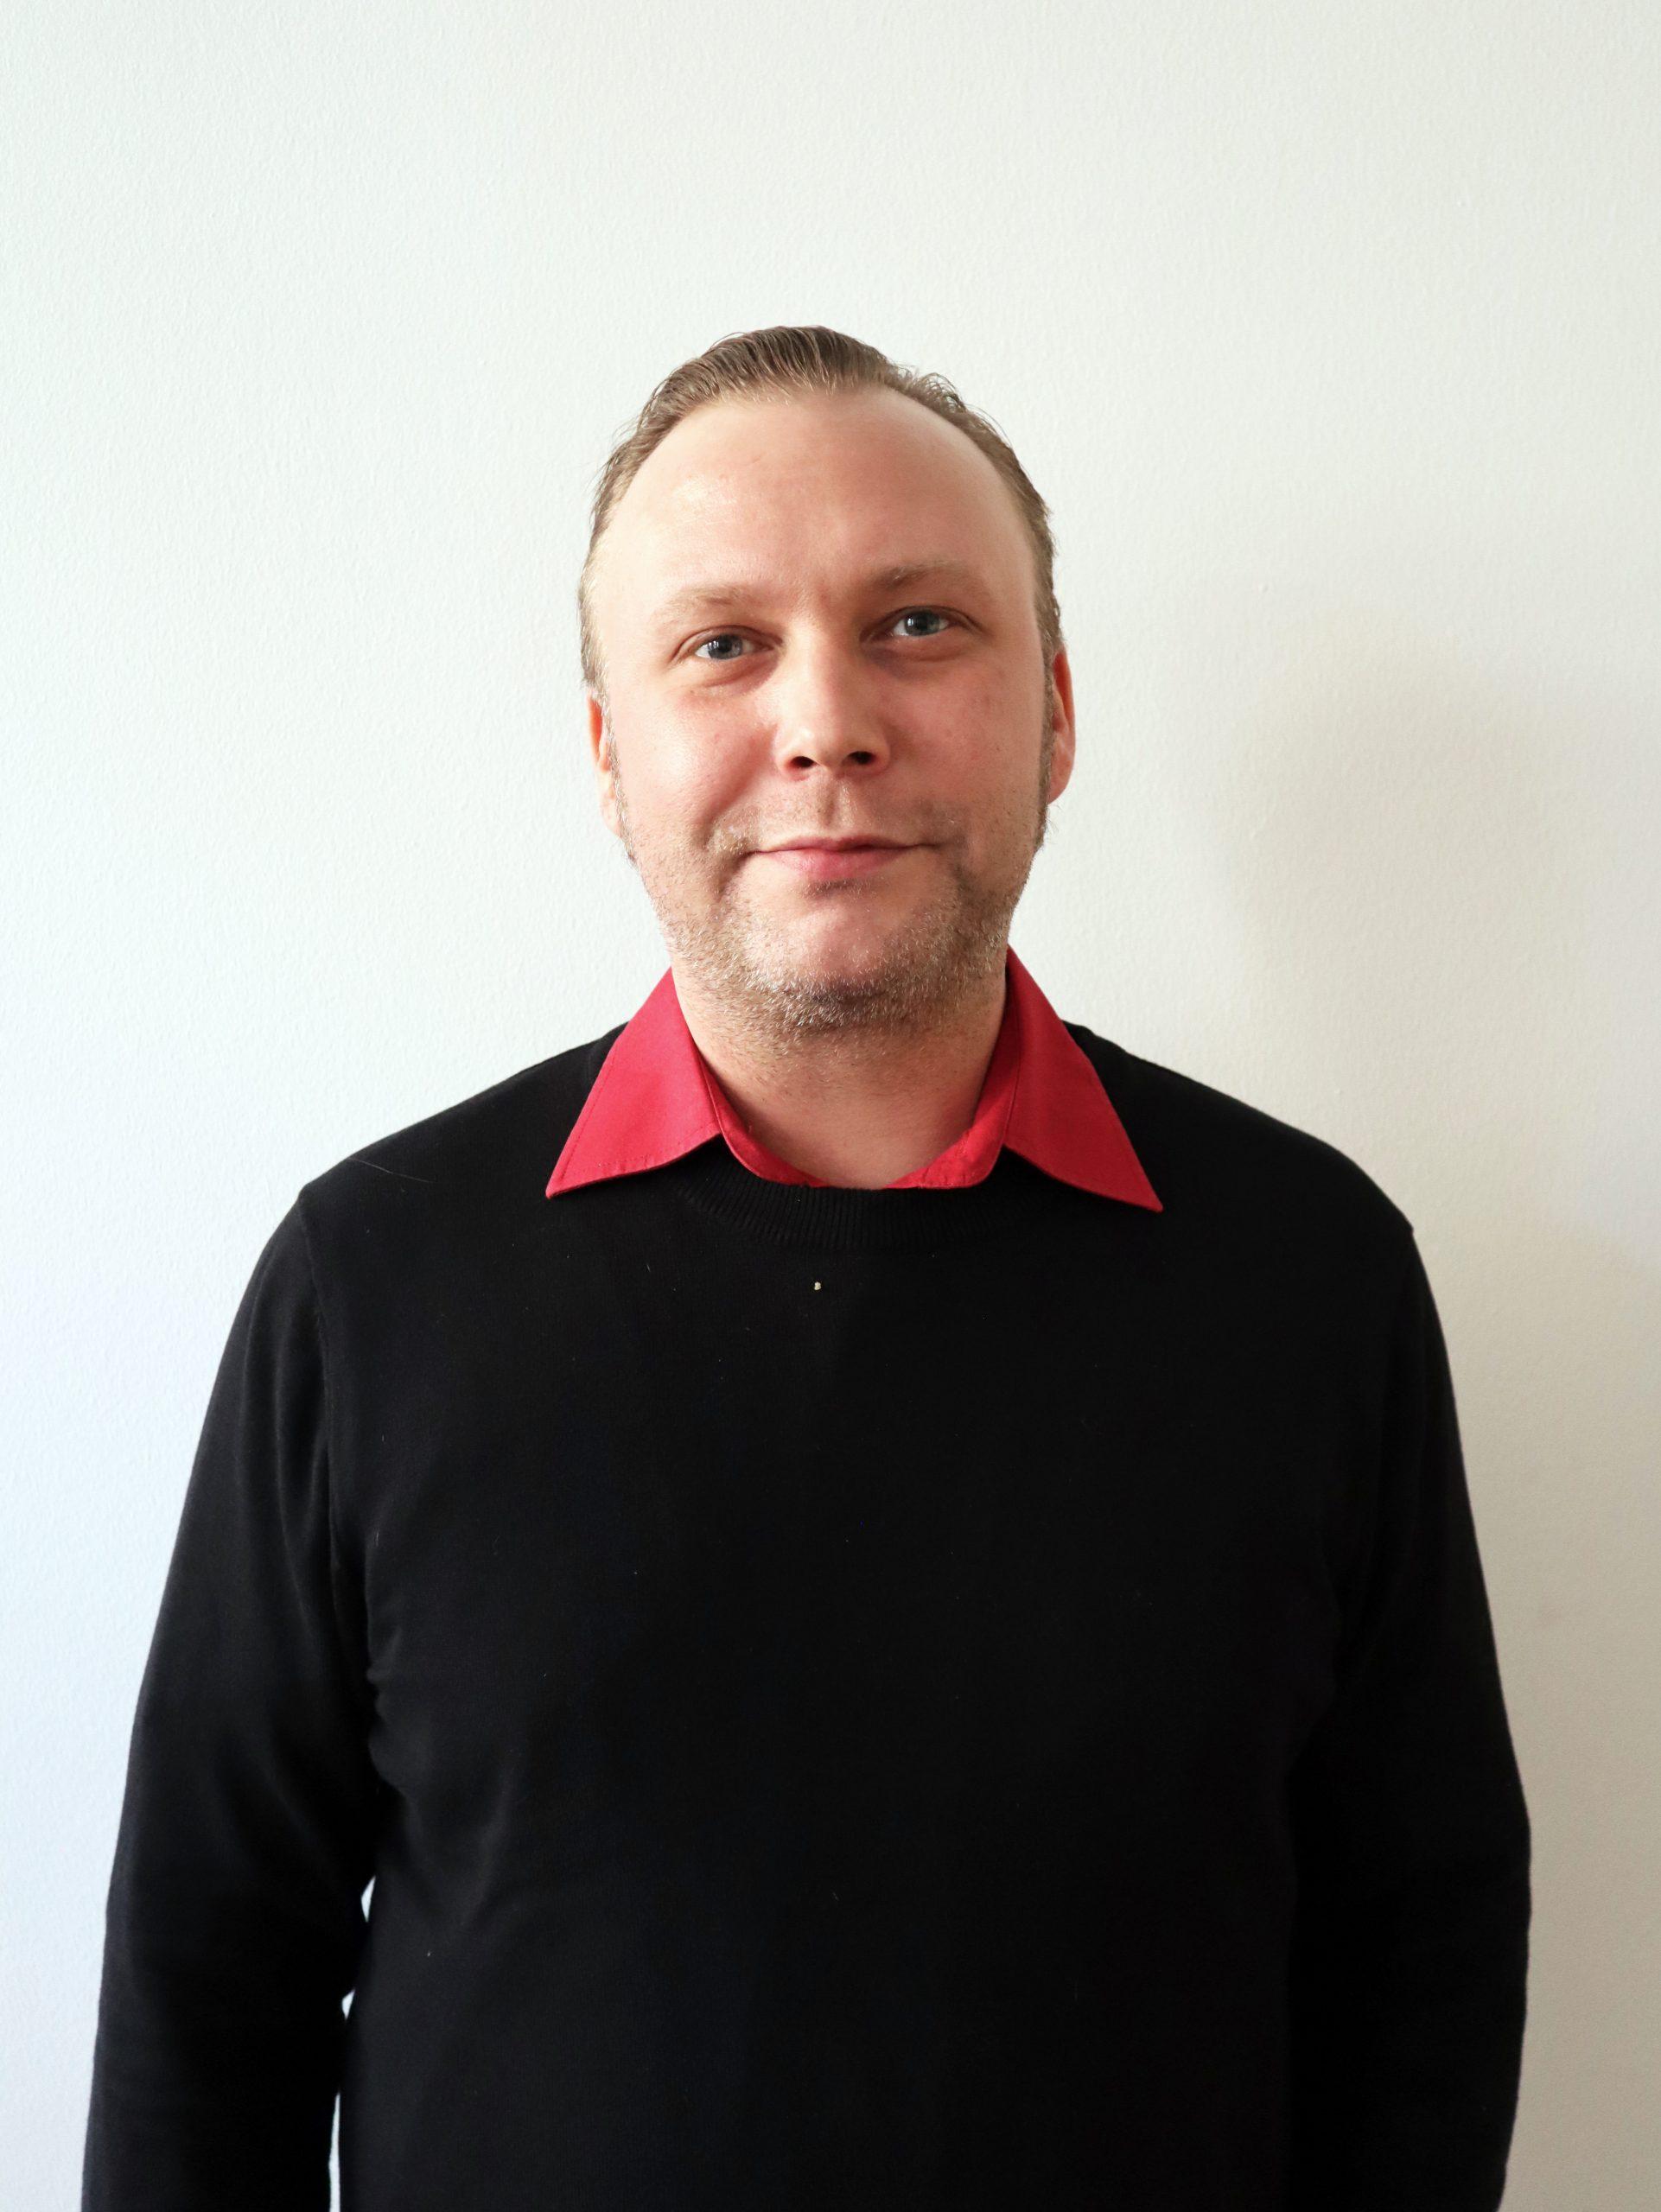 Jaakko Kalliomäki